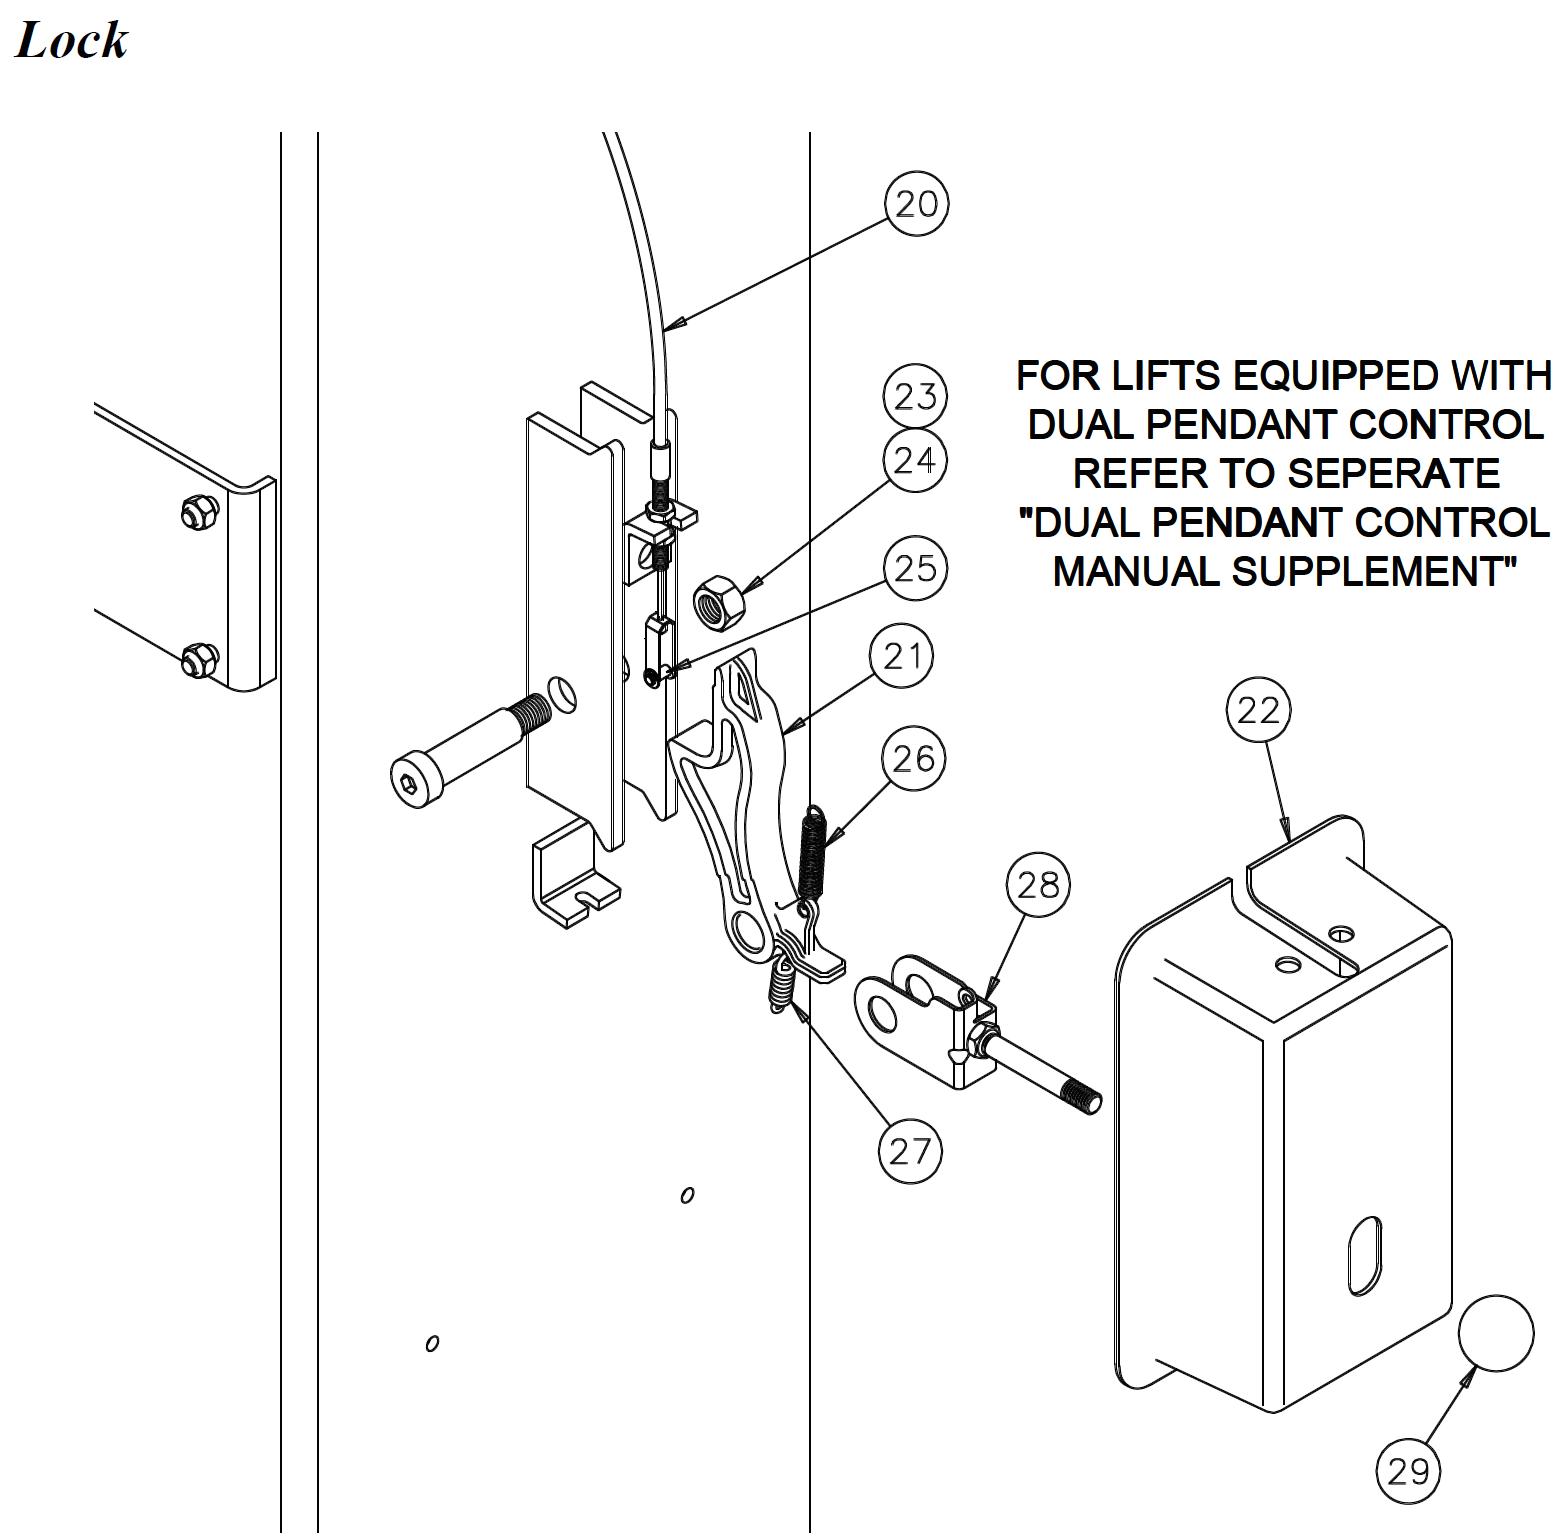 cl10-lock-diagram.png